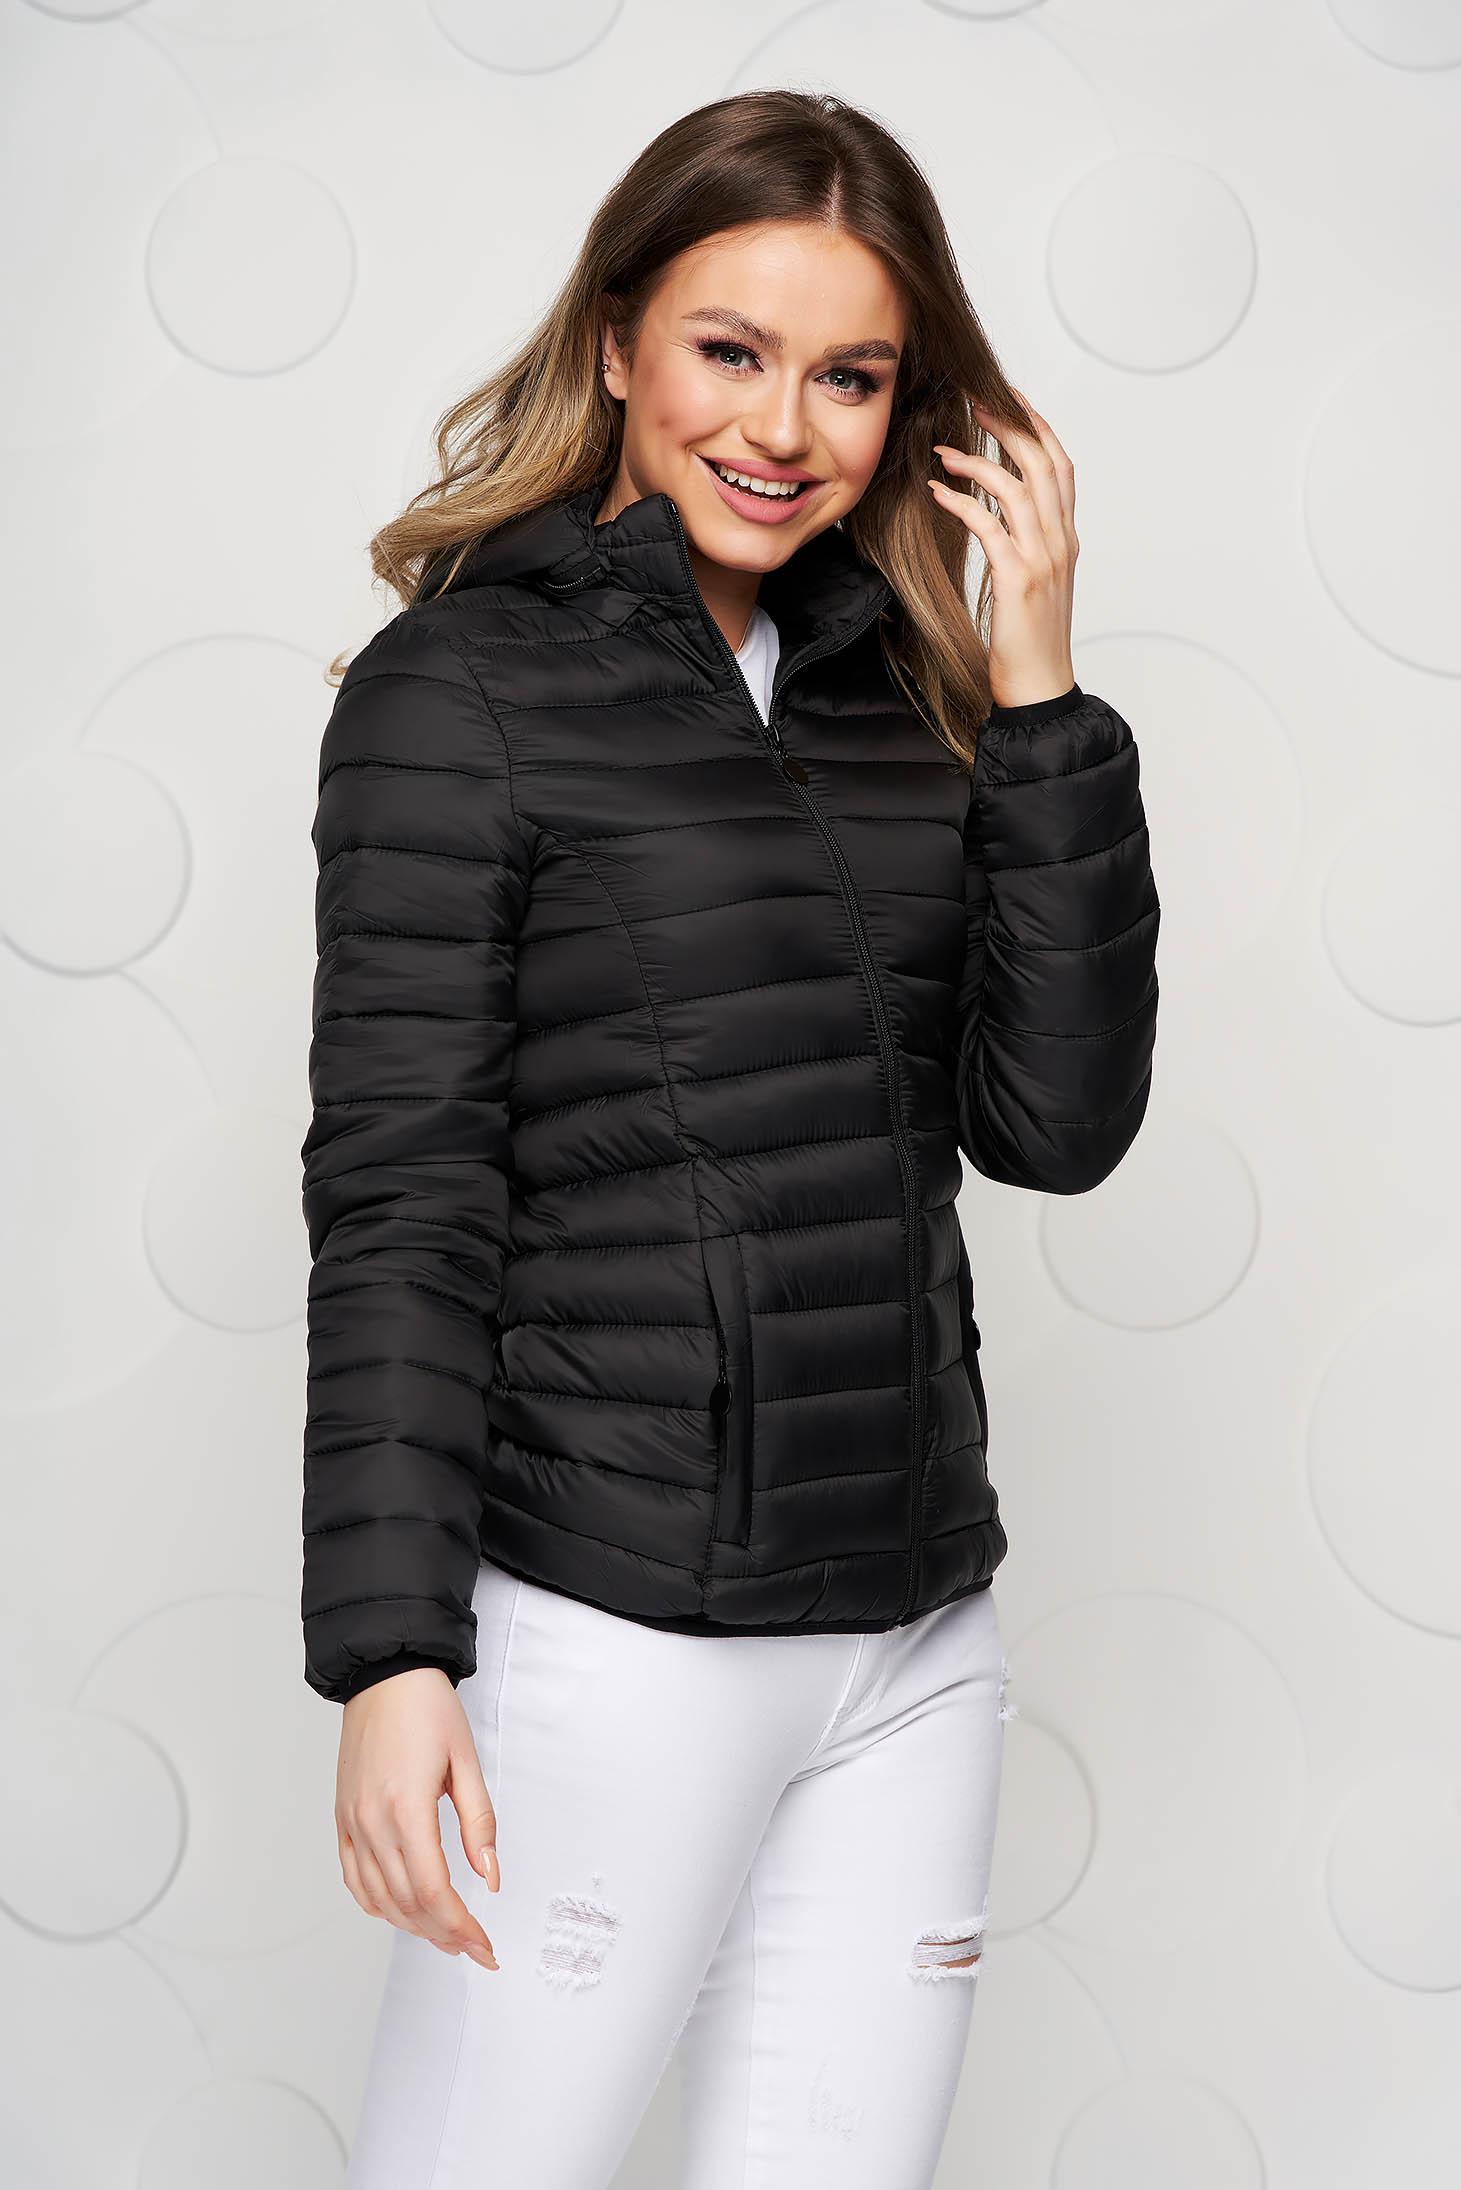 Black jacket from slicker thin fabric